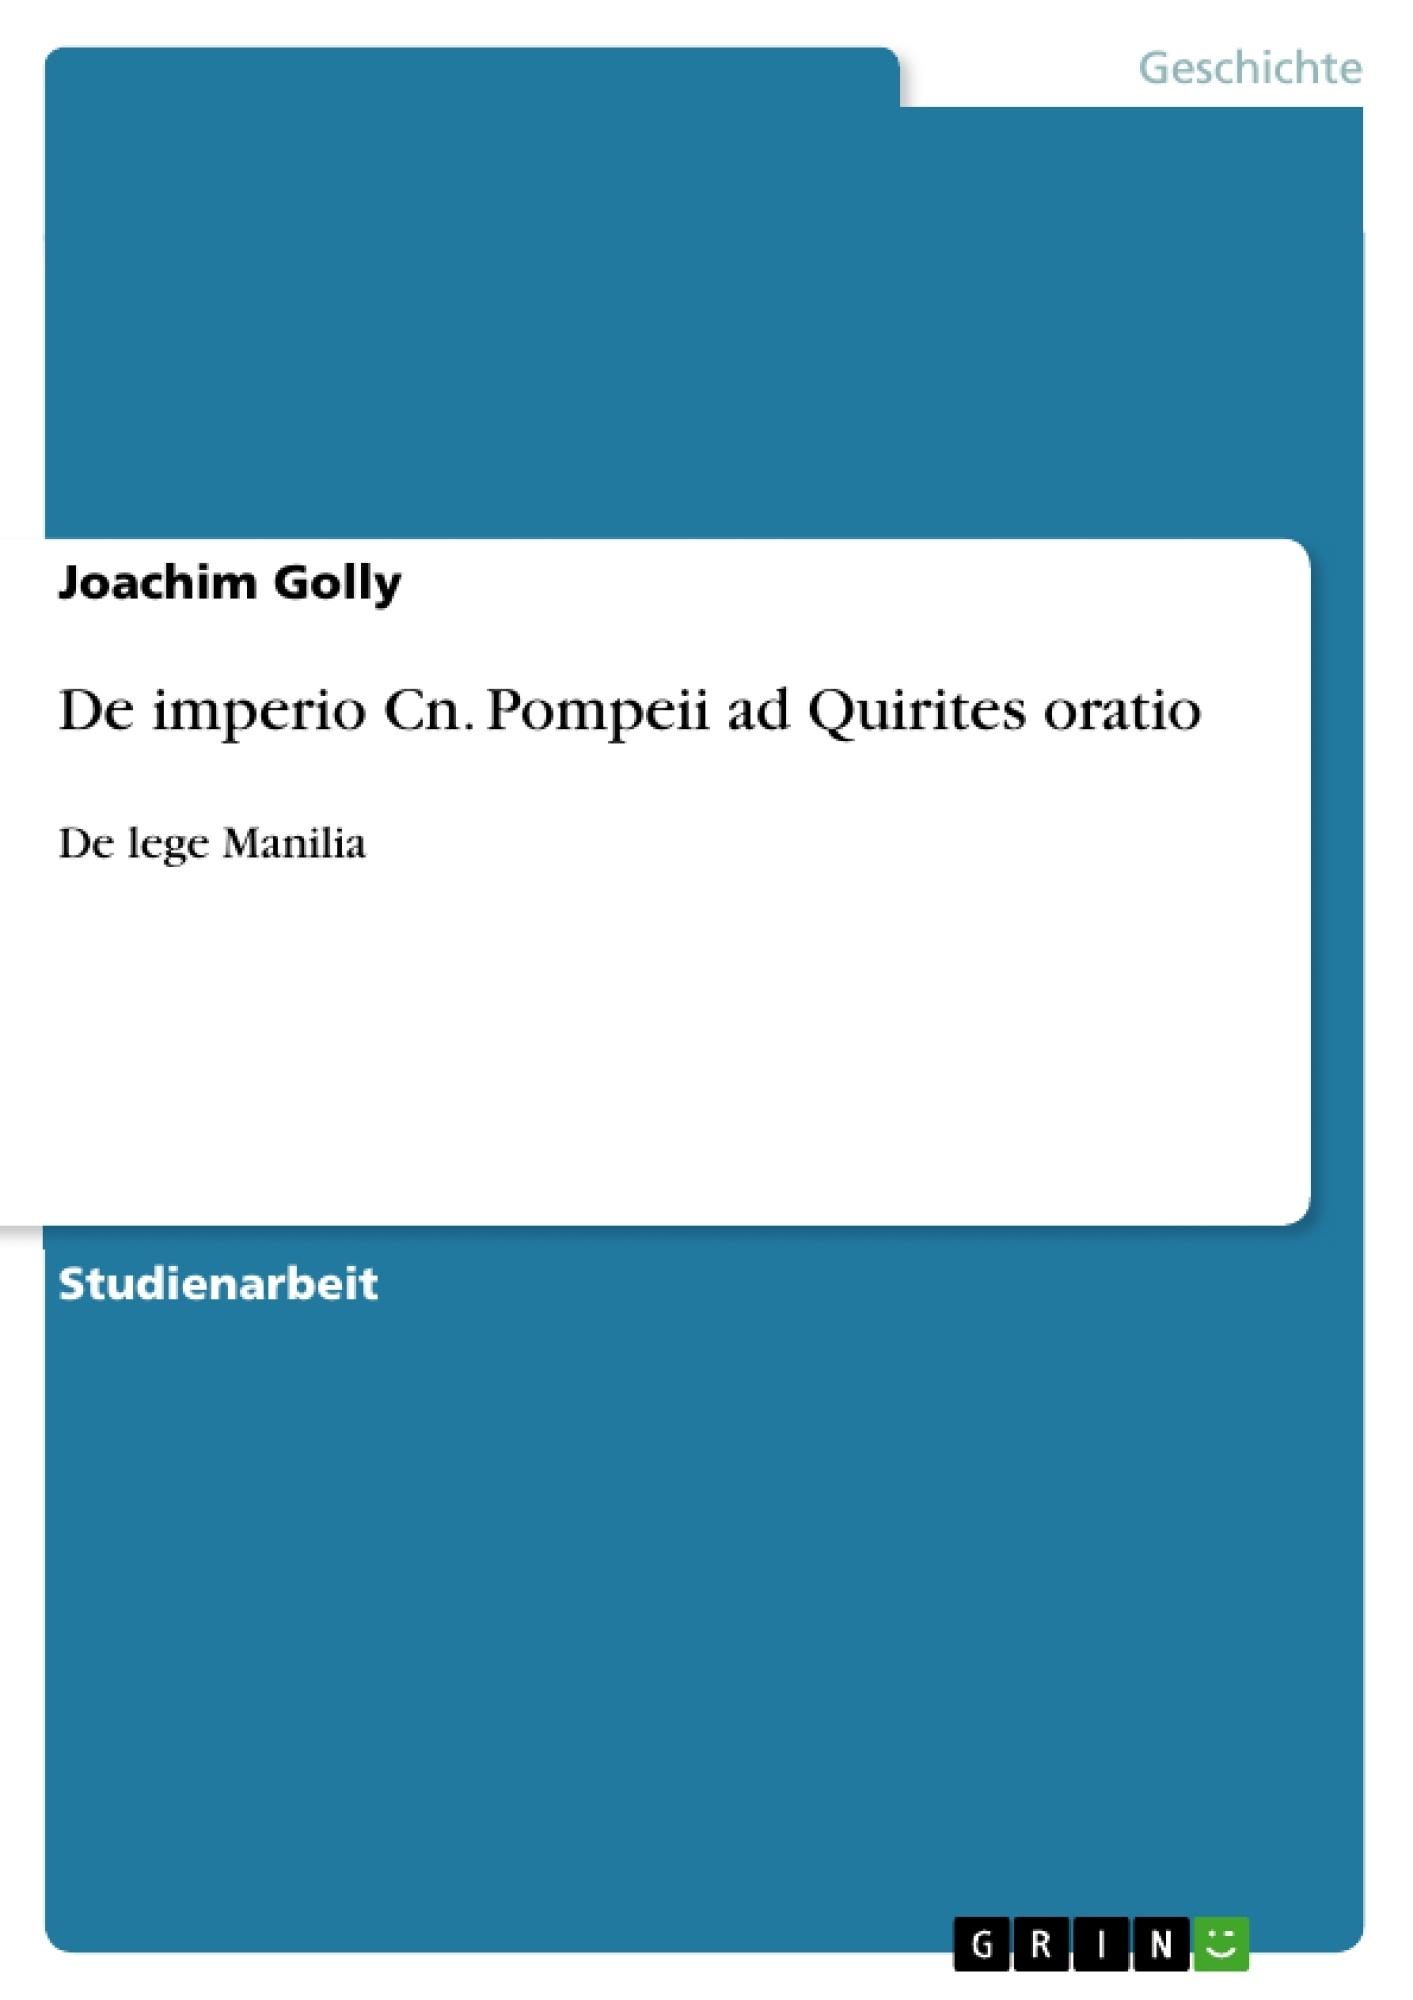 Titel: De imperio Cn. Pompeii  ad Quirites oratio